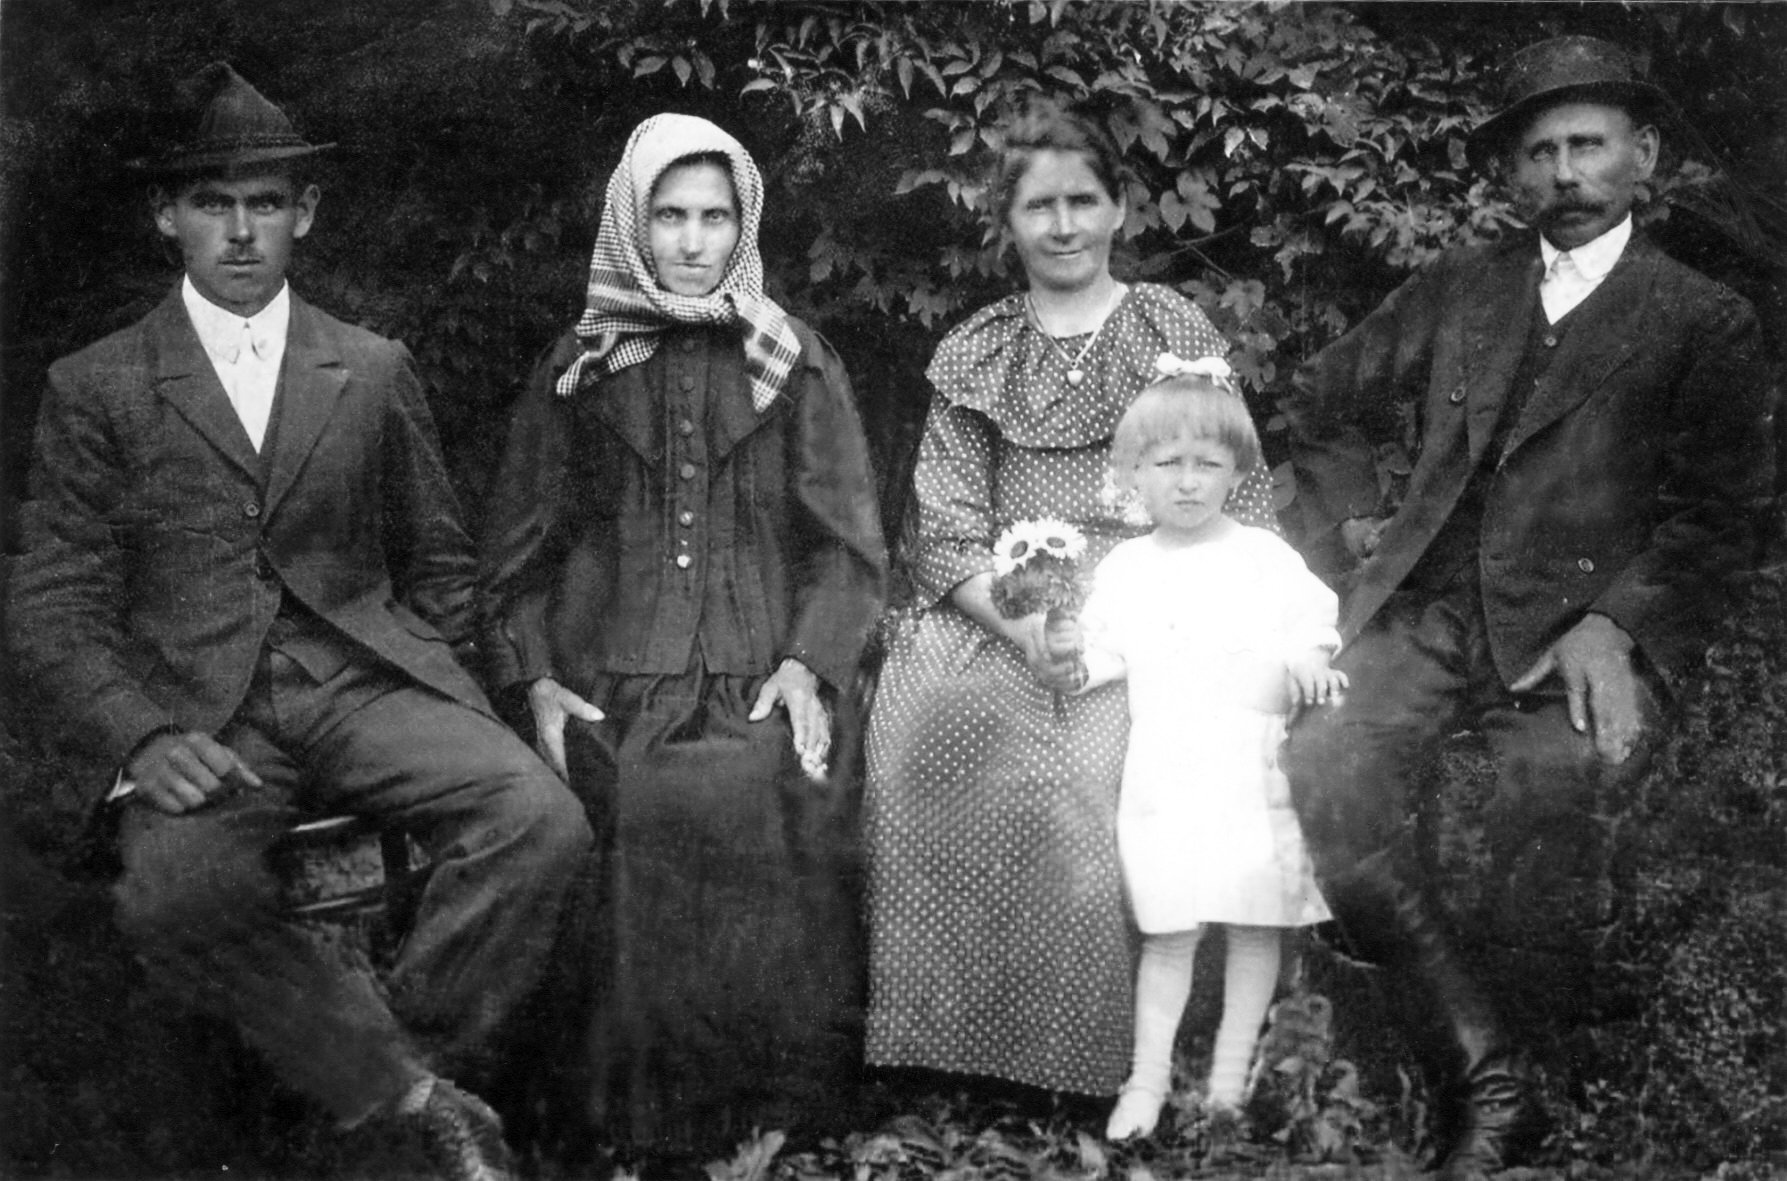 Photo: 1940-es évek ifjabb Beke Károly, Fehérváry Johanna és nővére id.Bekéné Fehérváry Katalin, idős Beke Károly, Polgári Ilus, háborús menekült Budapestről